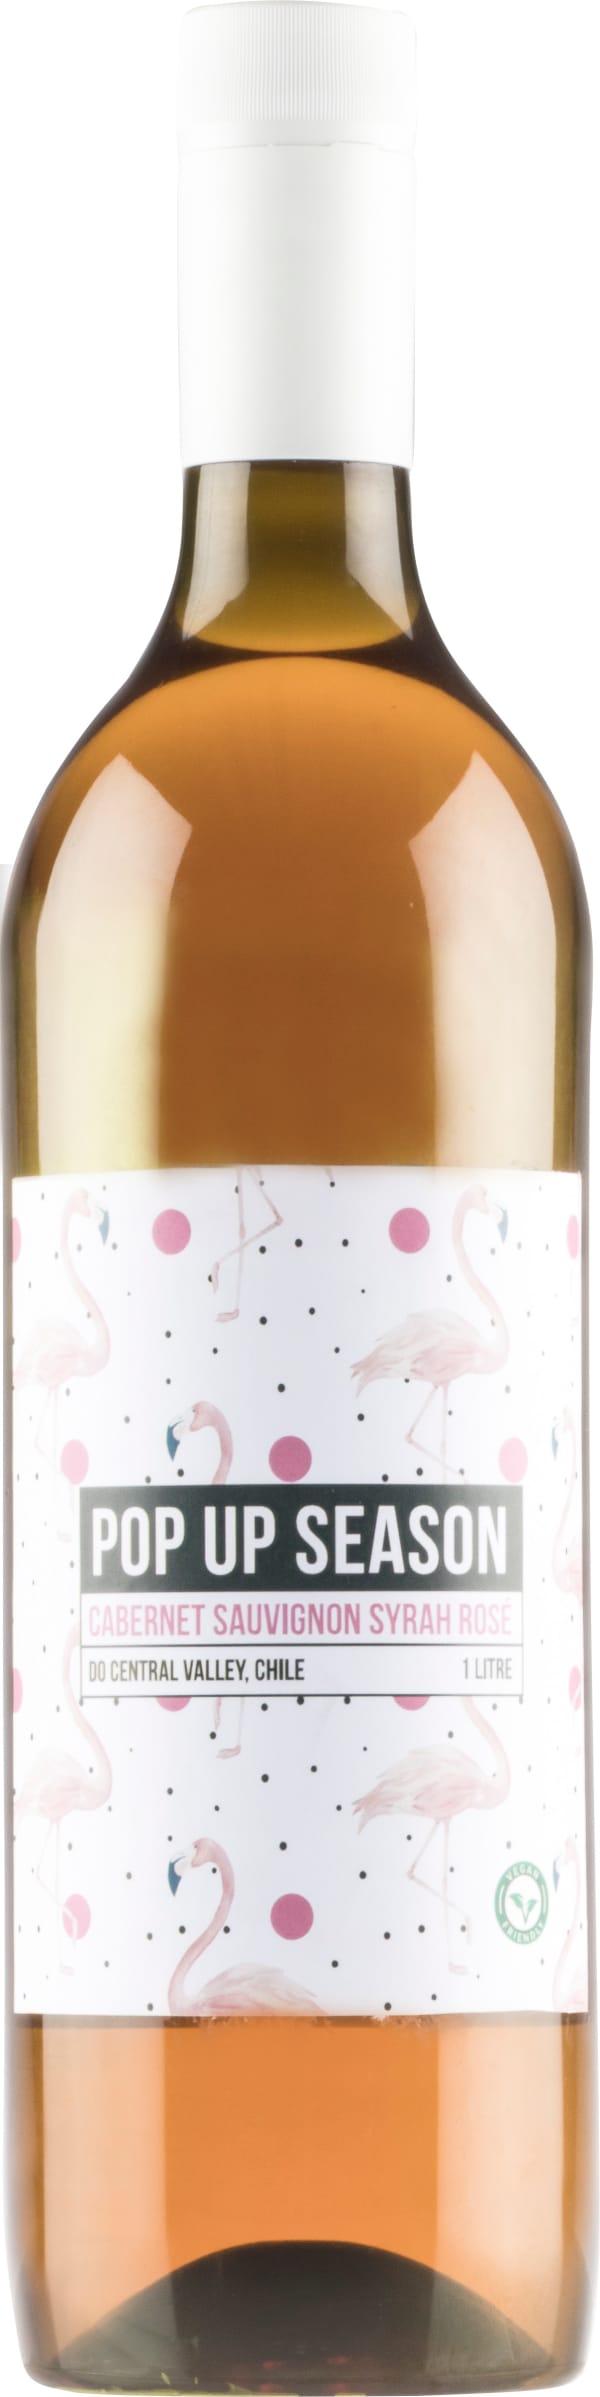 Pop Up Season Cabernet Sauvignon Syrah Rosé  2018 plastic bottle